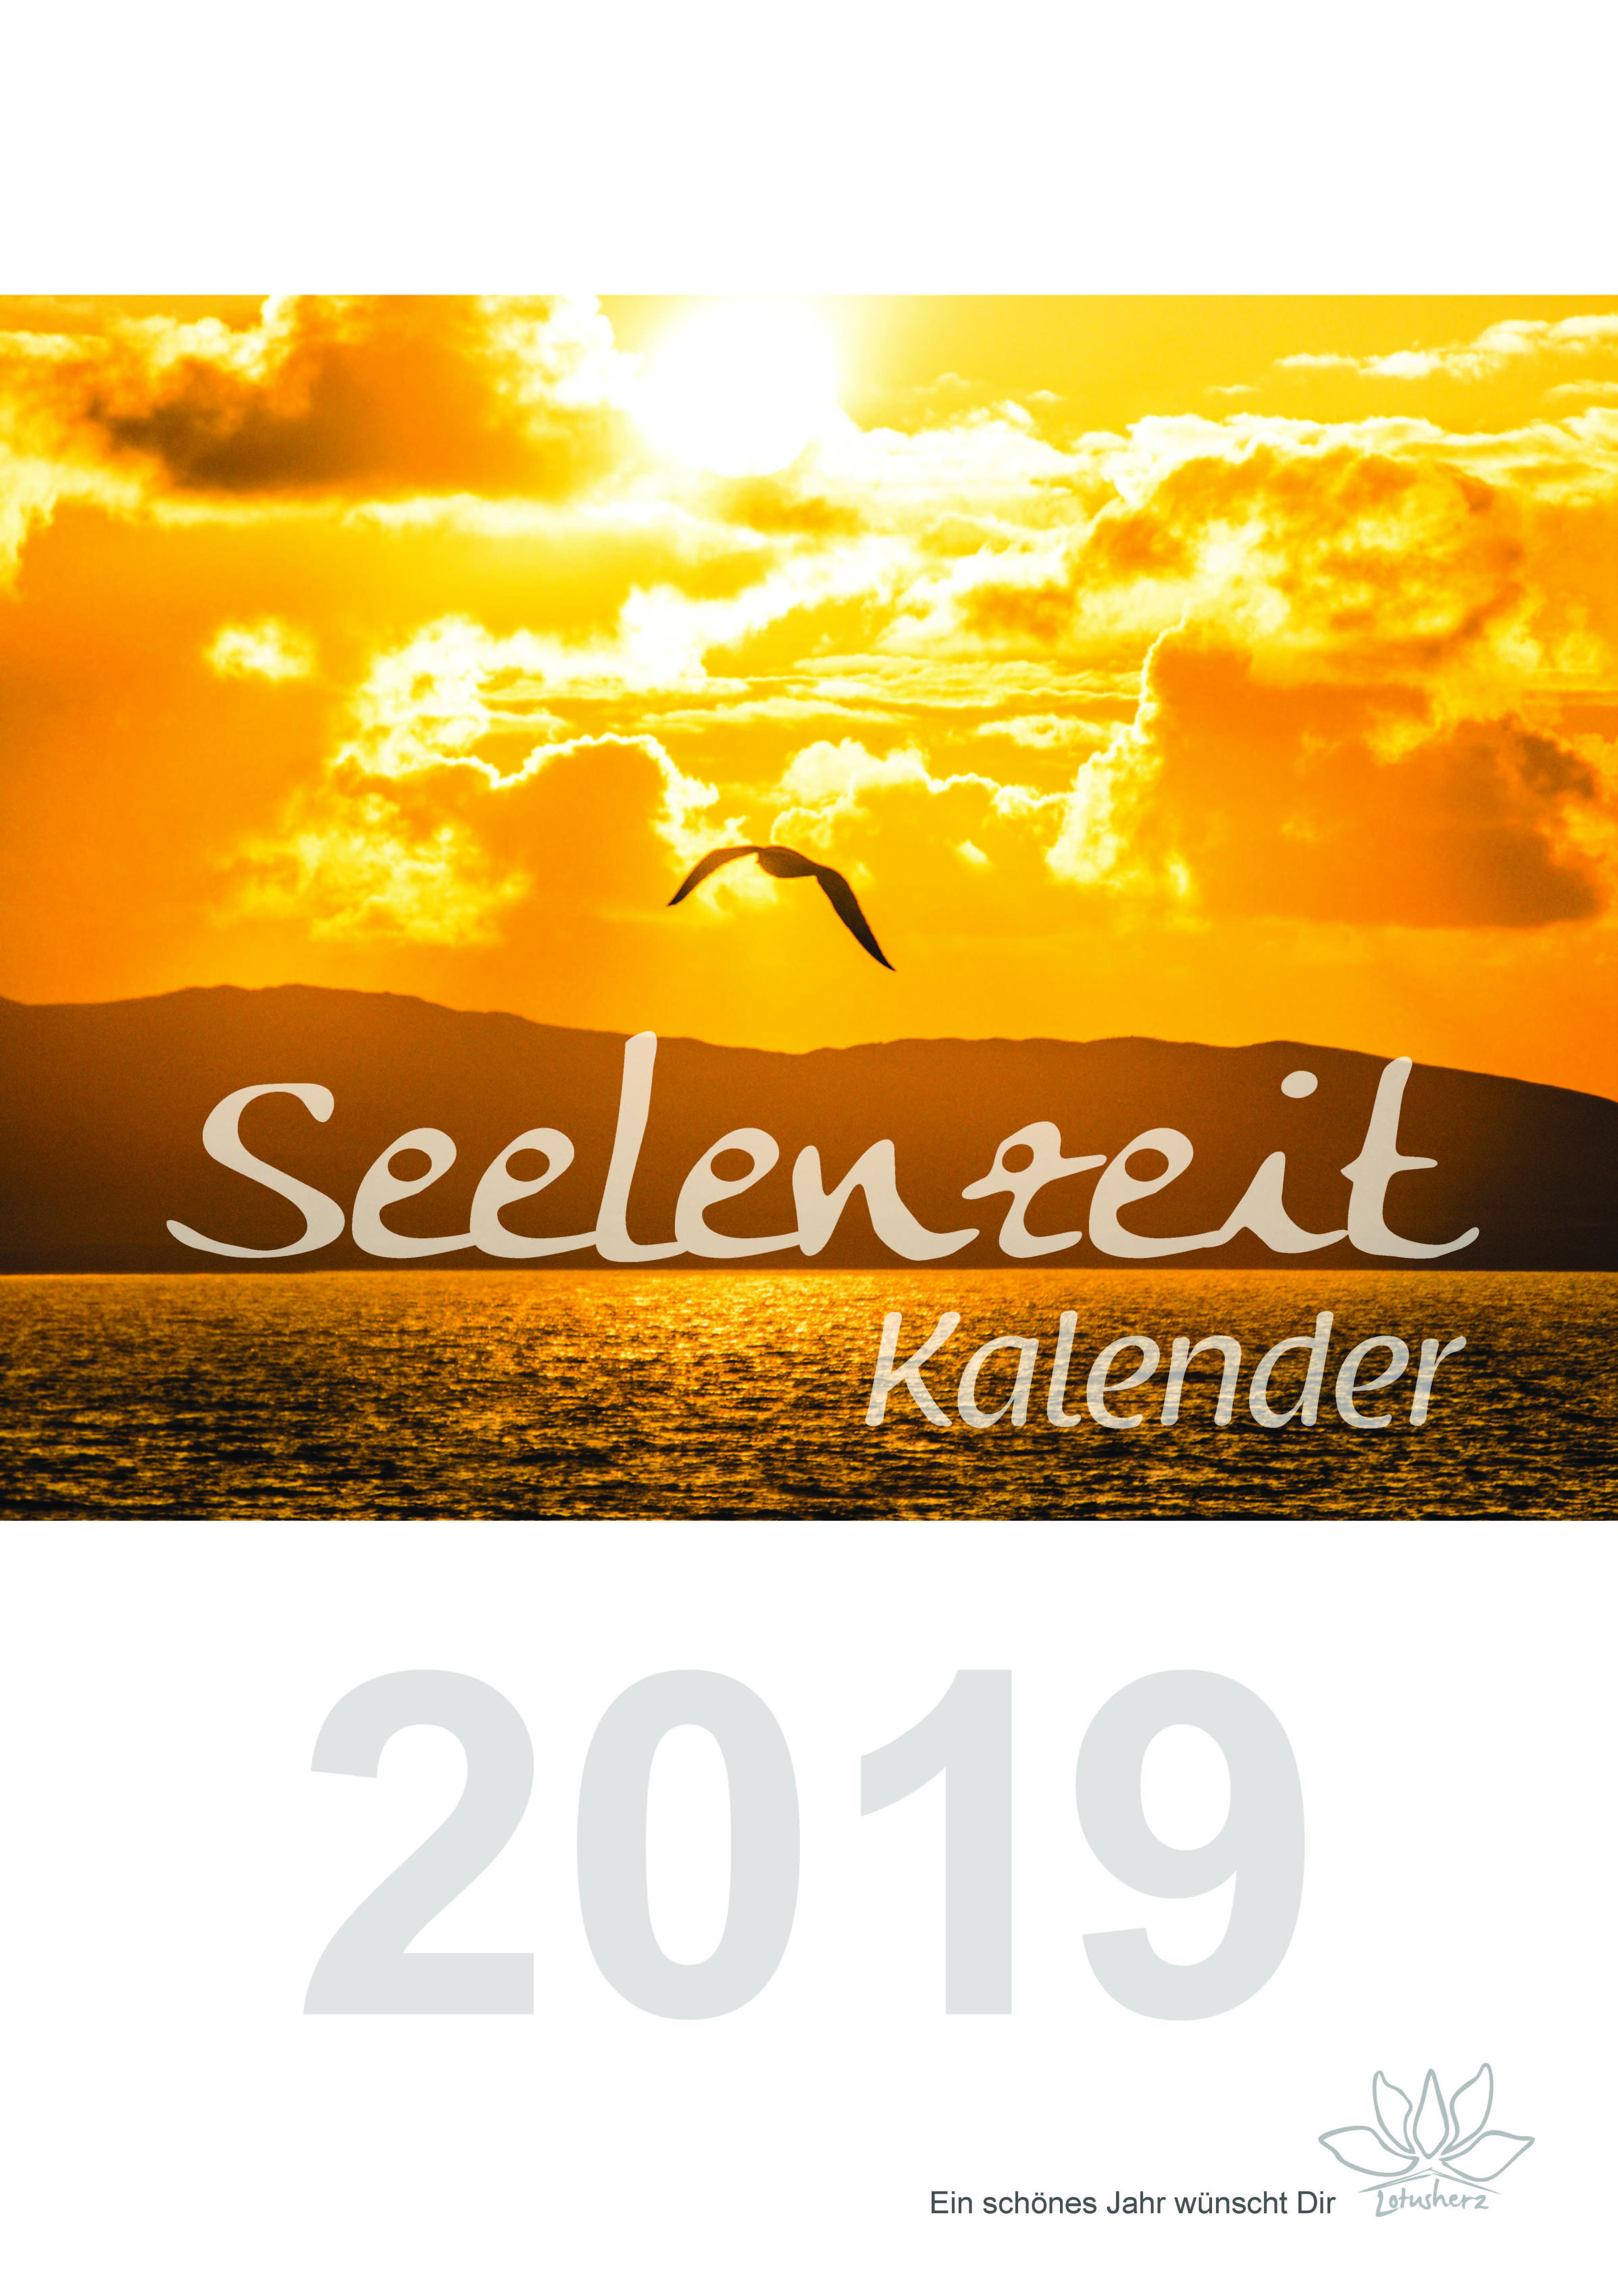 Seelenzeit-Kalender Cover